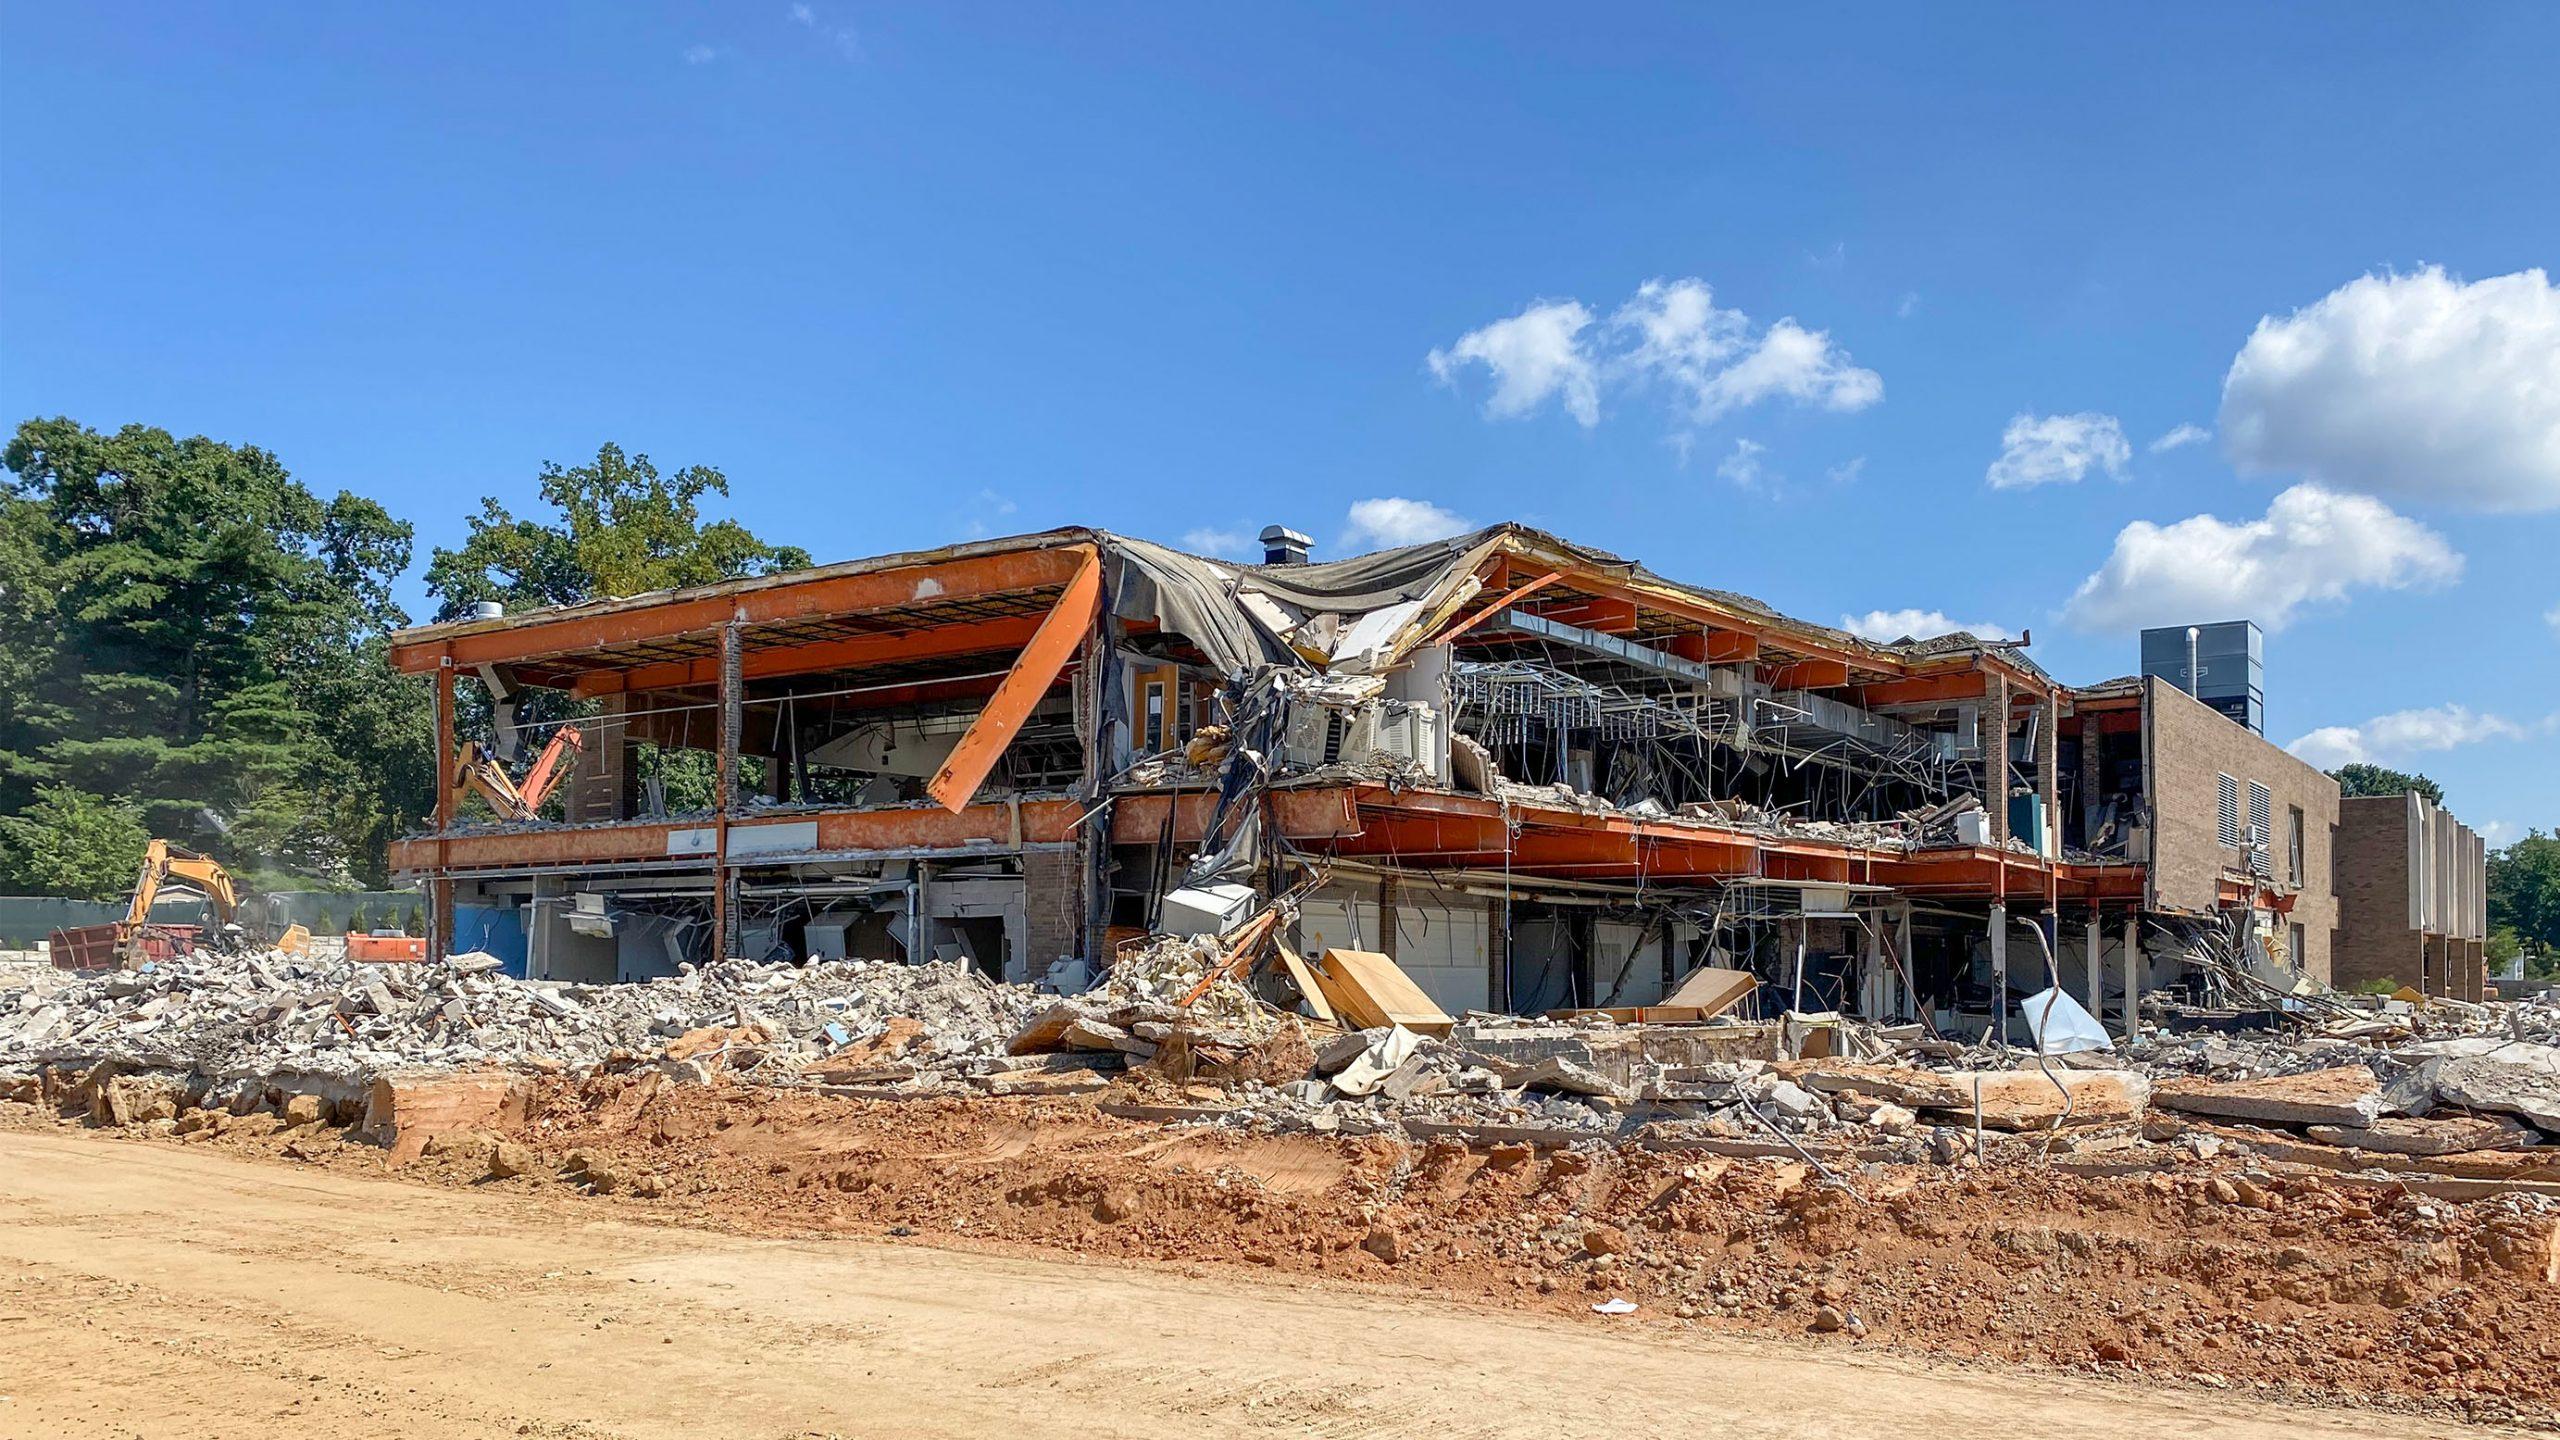 1-Springfield-High-School-Demo-Bleacher_SCHRADERGROUP_Summer-Construction-Progress